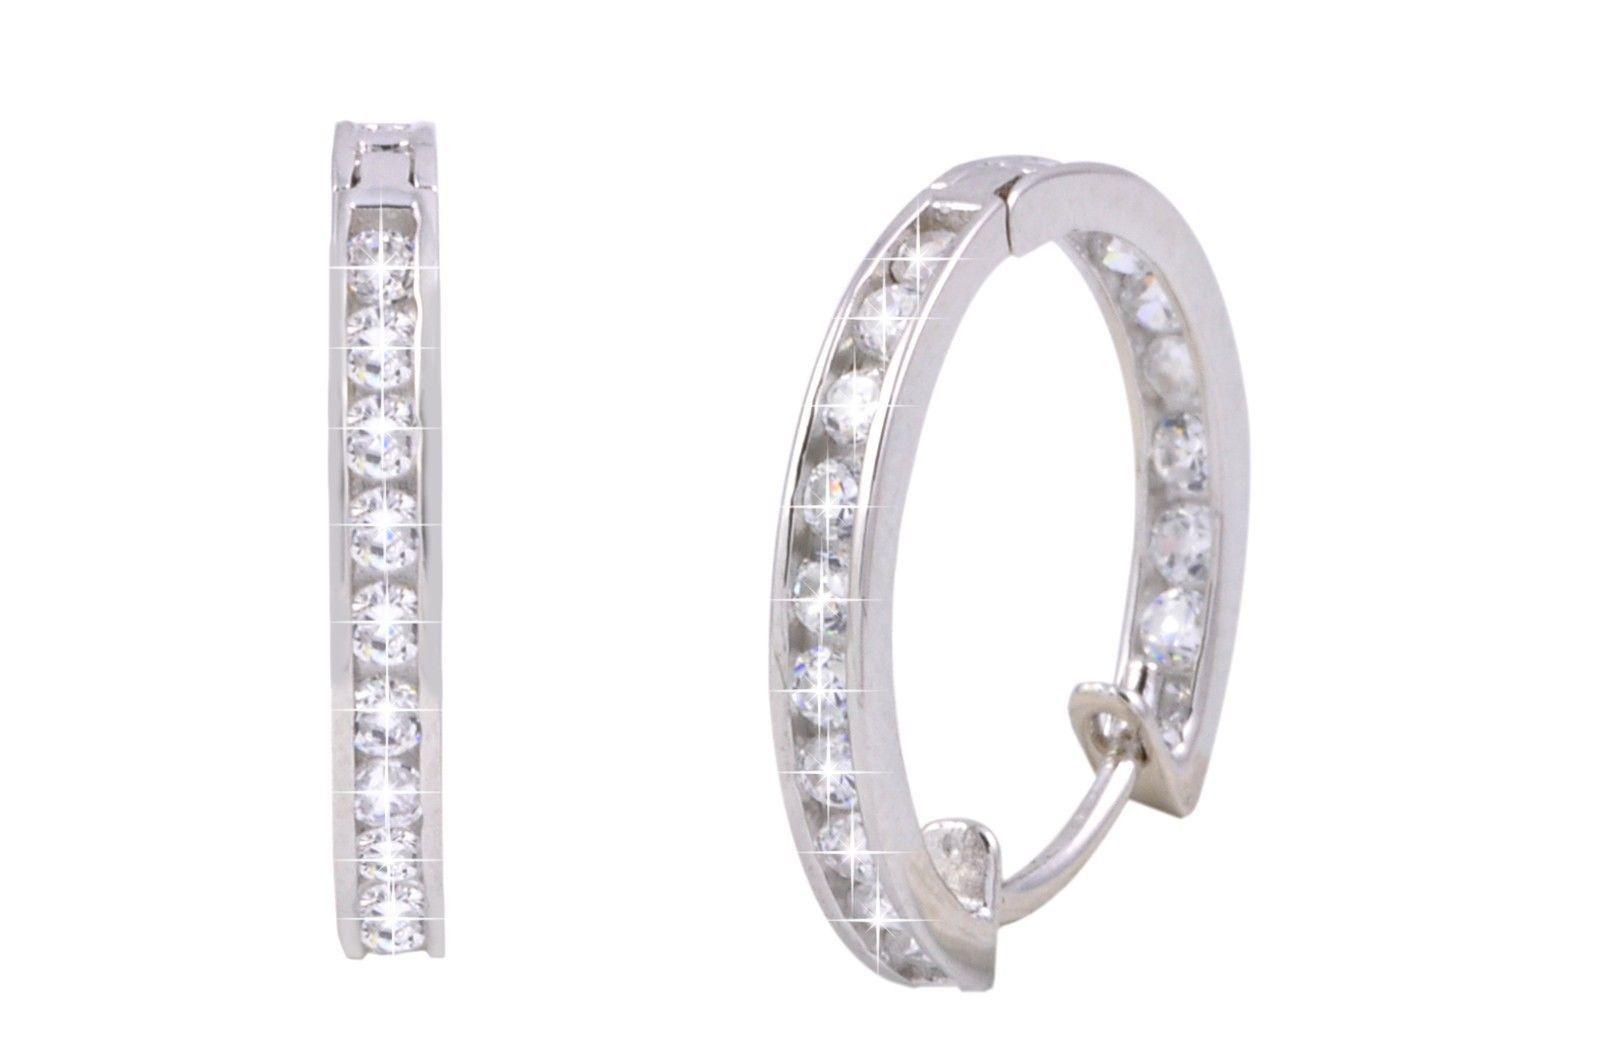 6adc19b298d21 CZ Huggie Hoop Earrings Hinged Cubic Zirconia 925 Sterling Silver ...